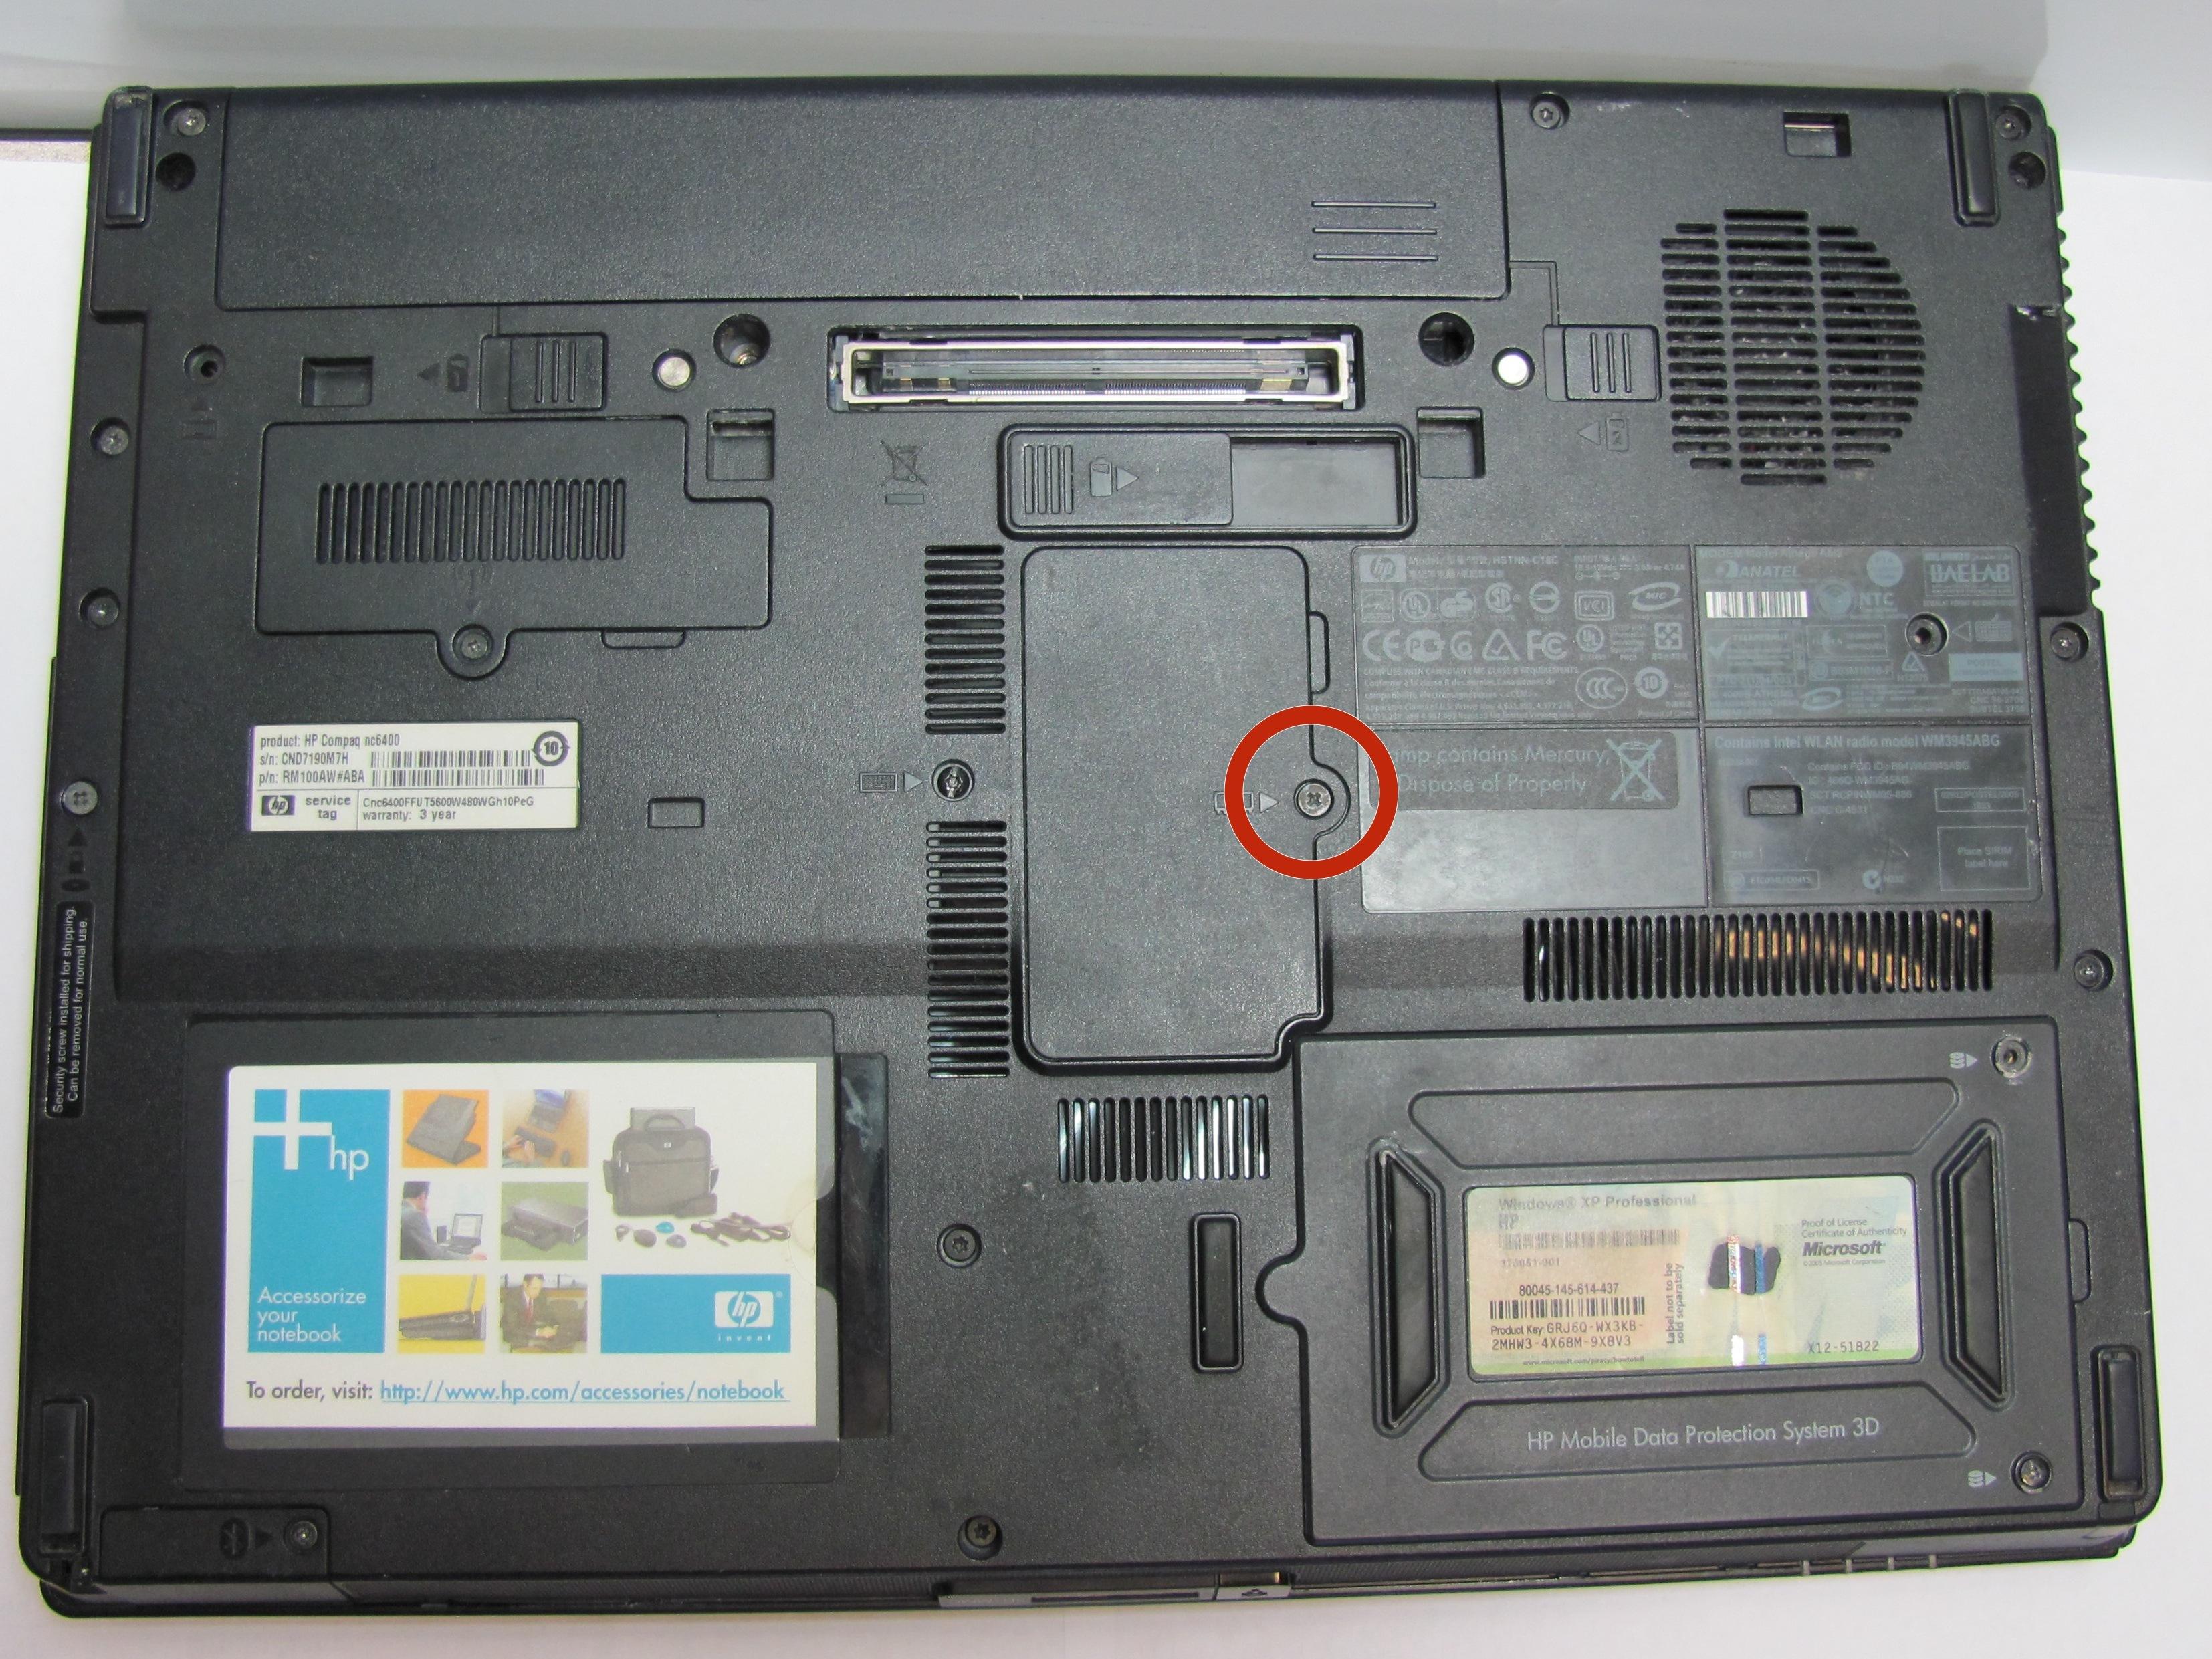 hp compaq nc6400 repair ifixit rh ifixit com hp nc6400 service manual hp compaq nc6400 repair manual